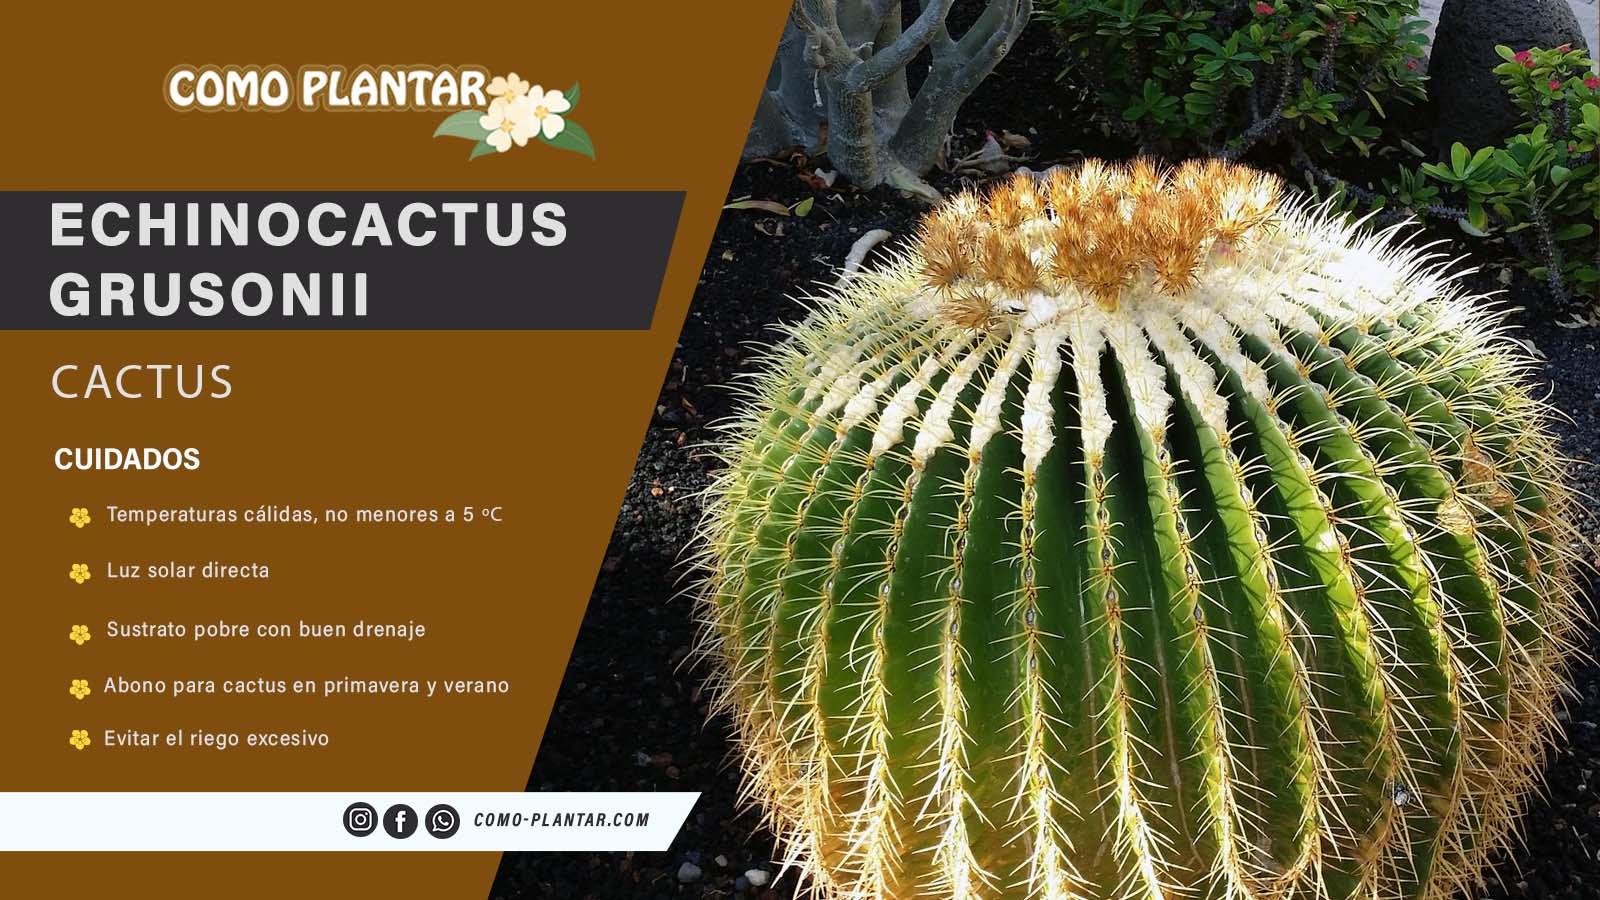 Guía de cuidados del Echinocactus Grusonii o asiento de suegra